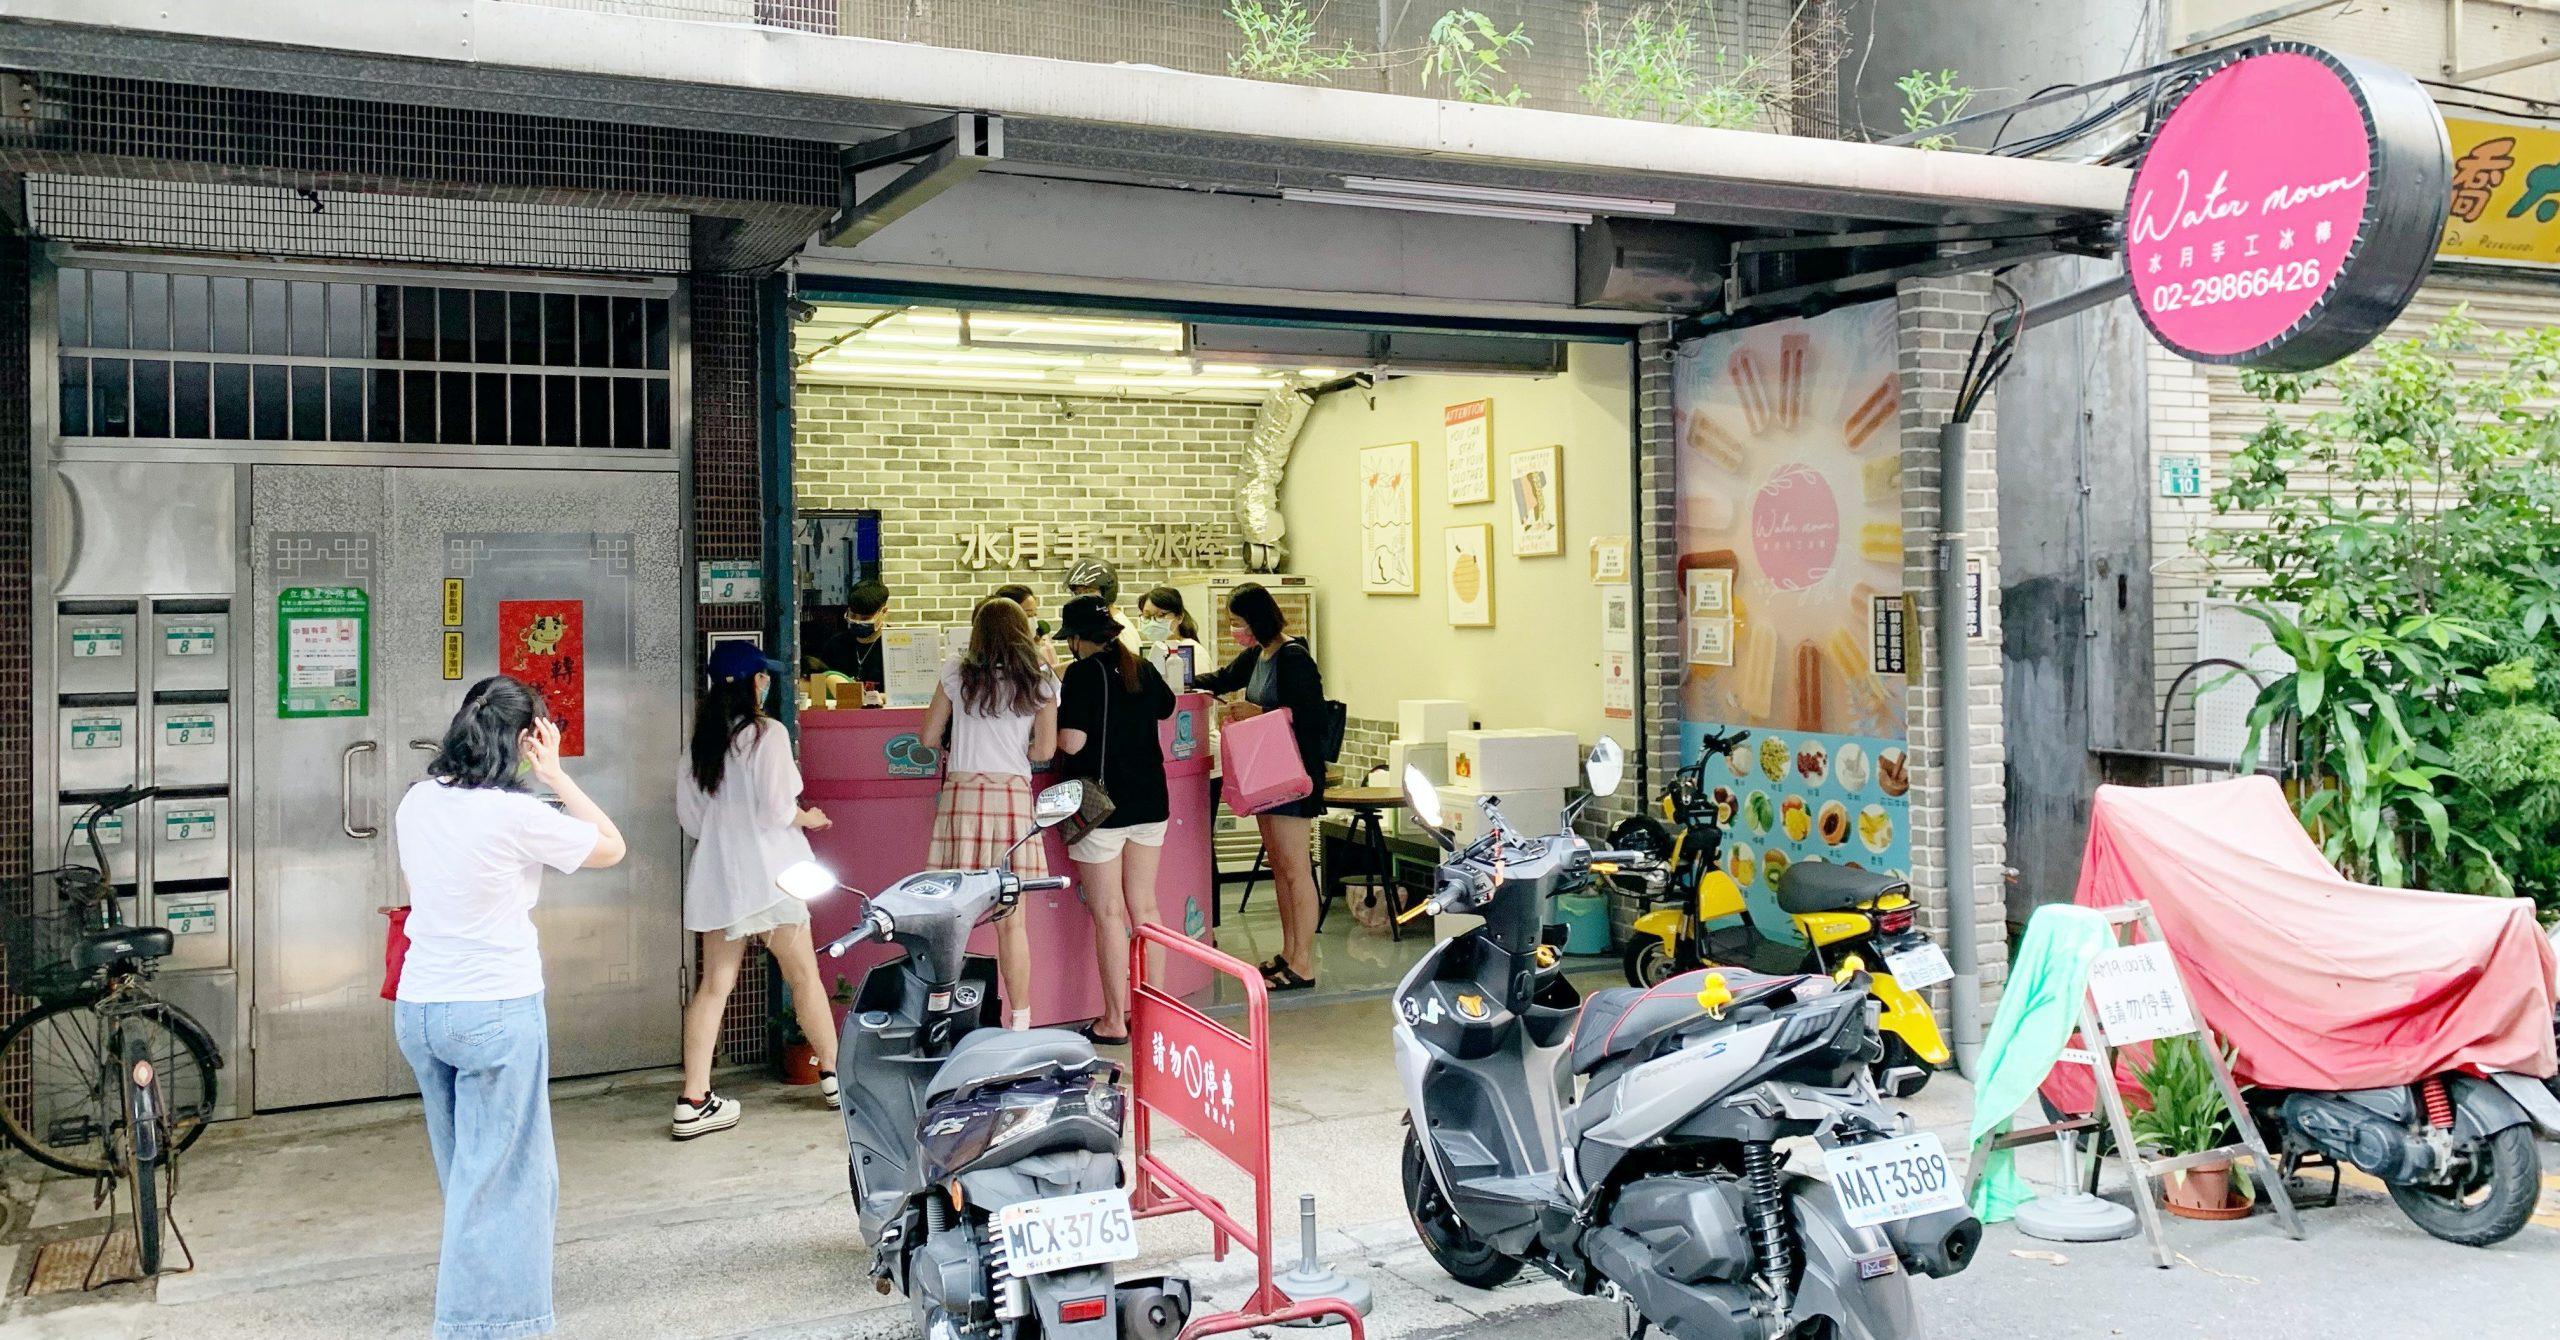 今日熱門文章:【三重美食】水月手工冰棒,一支$15元的水果冰棒 (菜單)